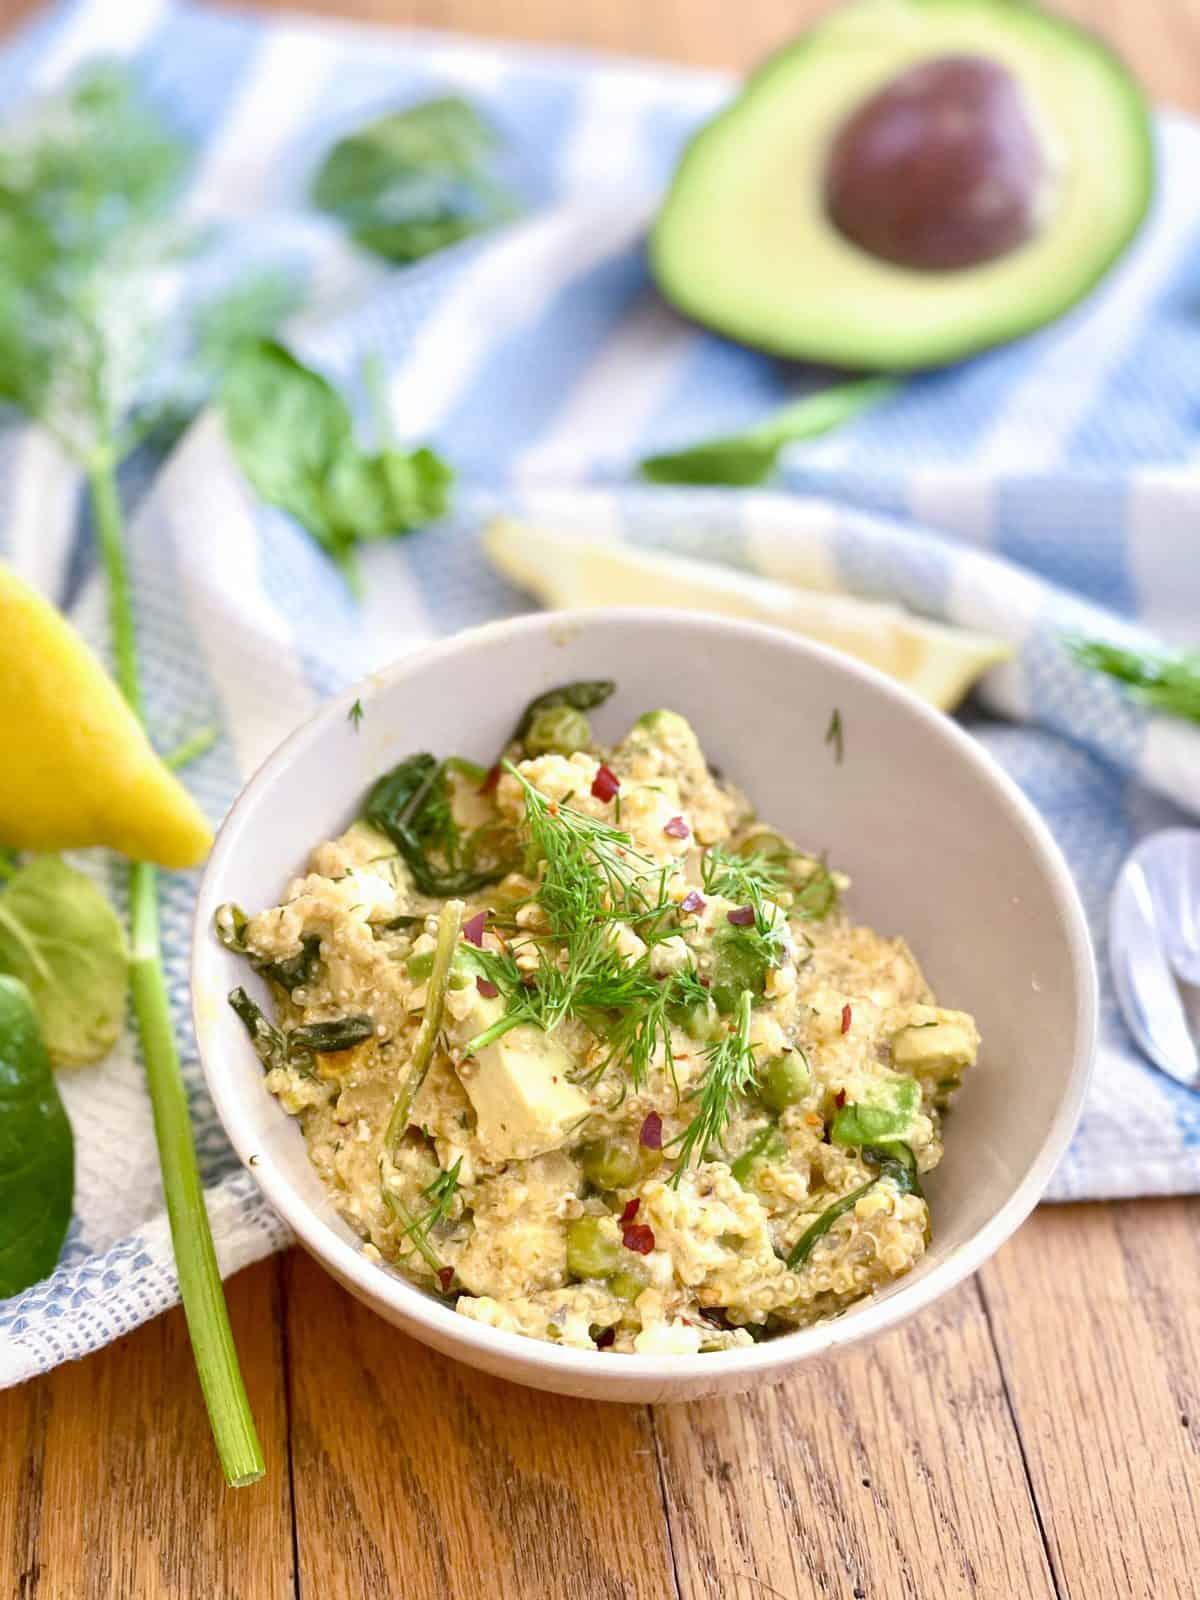 Greek-Inspired Spring Quinoa Salad: Kyra of Kyra's Bake Shop